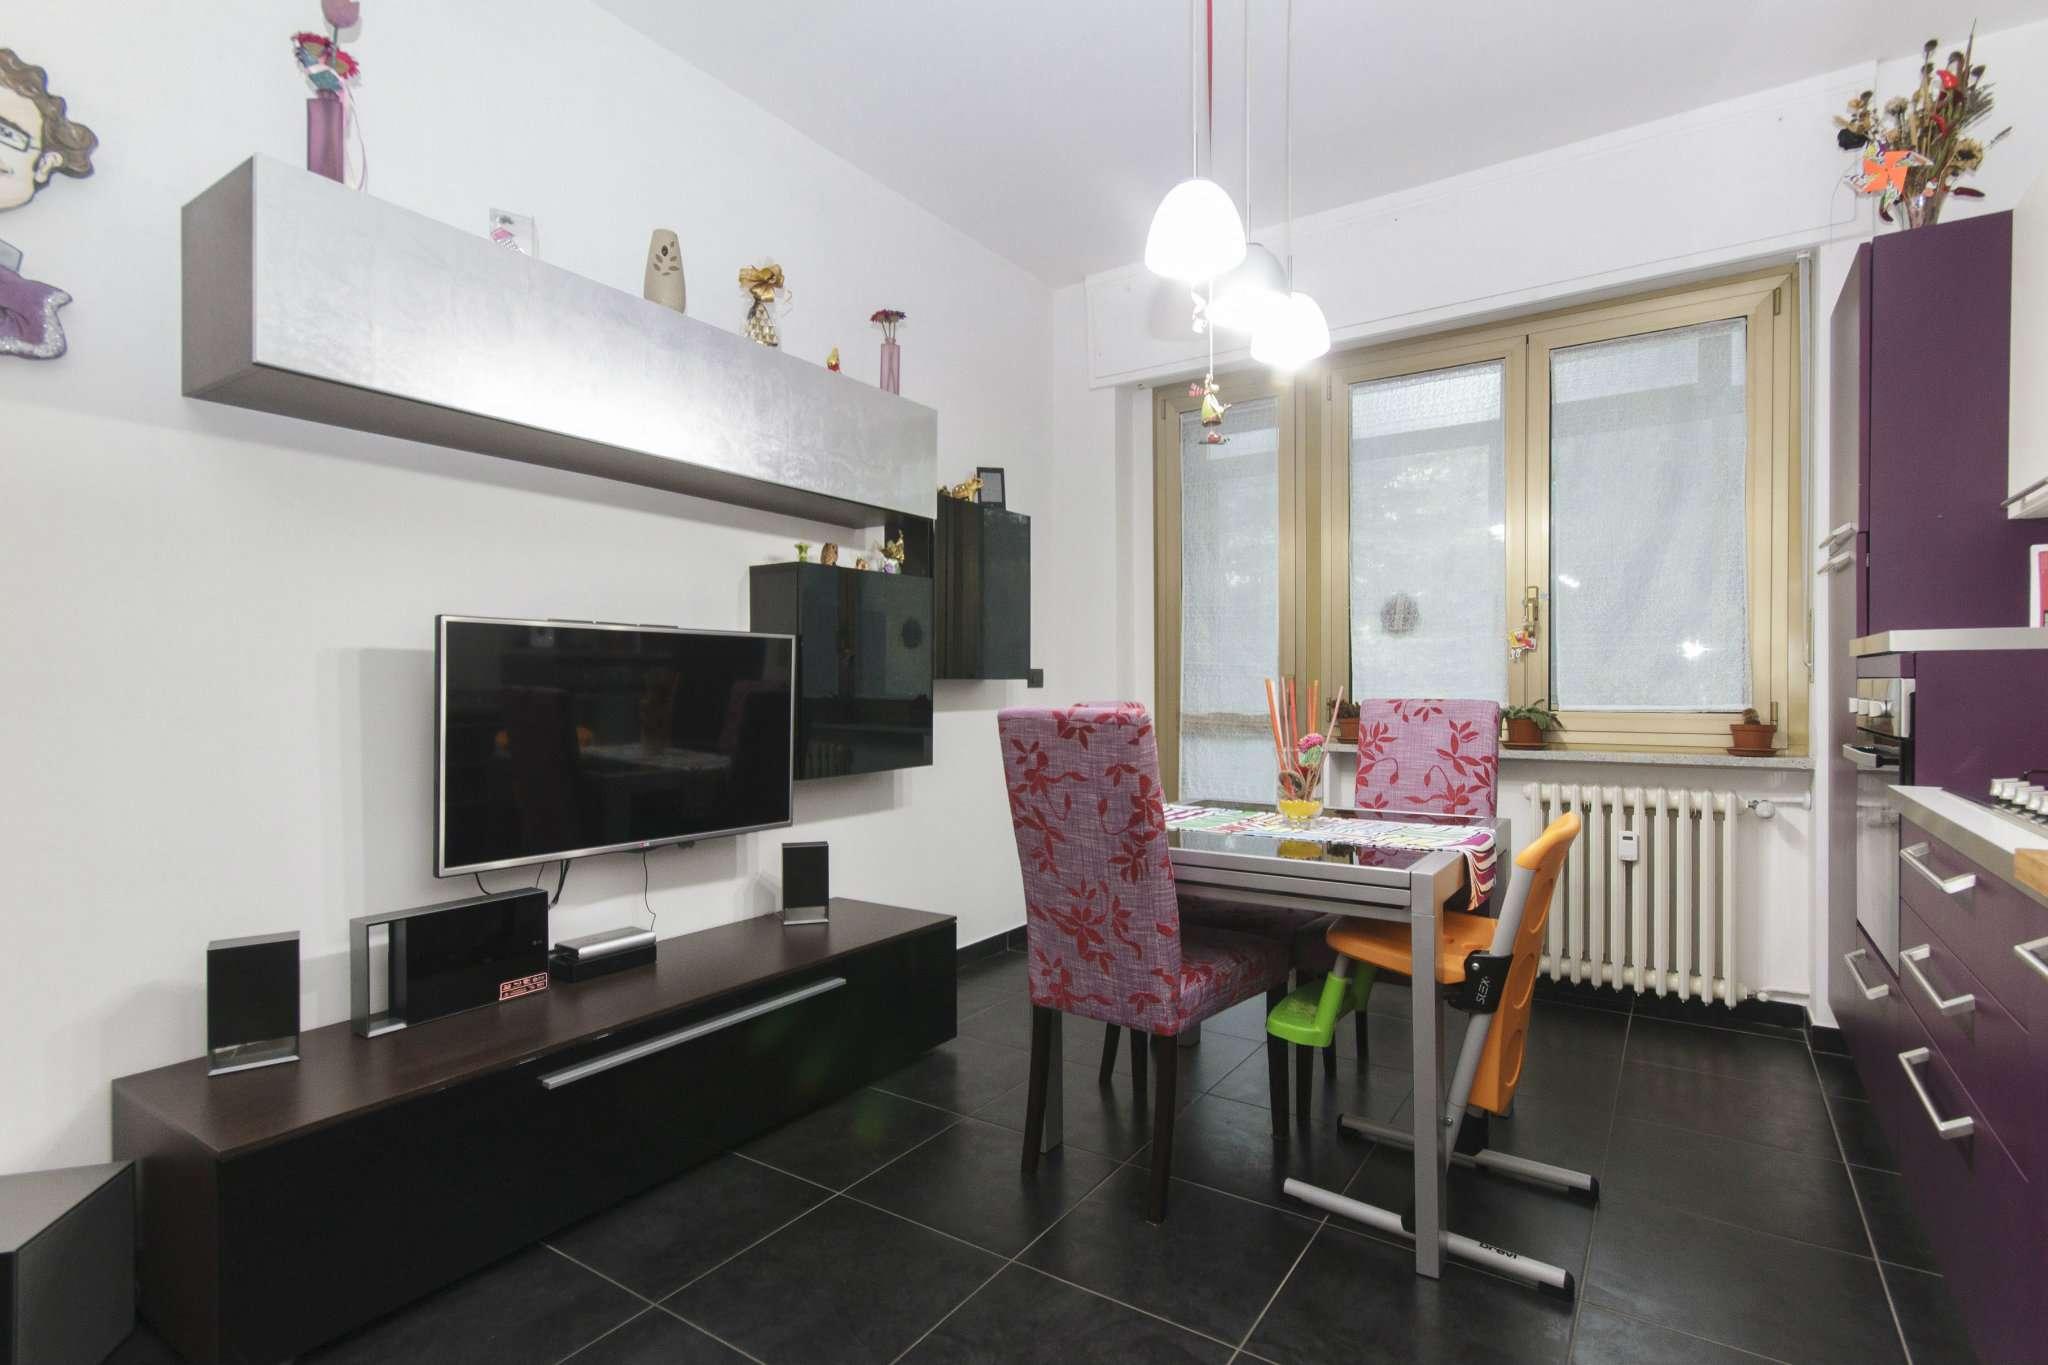 Appartamento in vendita a Alpignano, 3 locali, prezzo € 120.000 | CambioCasa.it